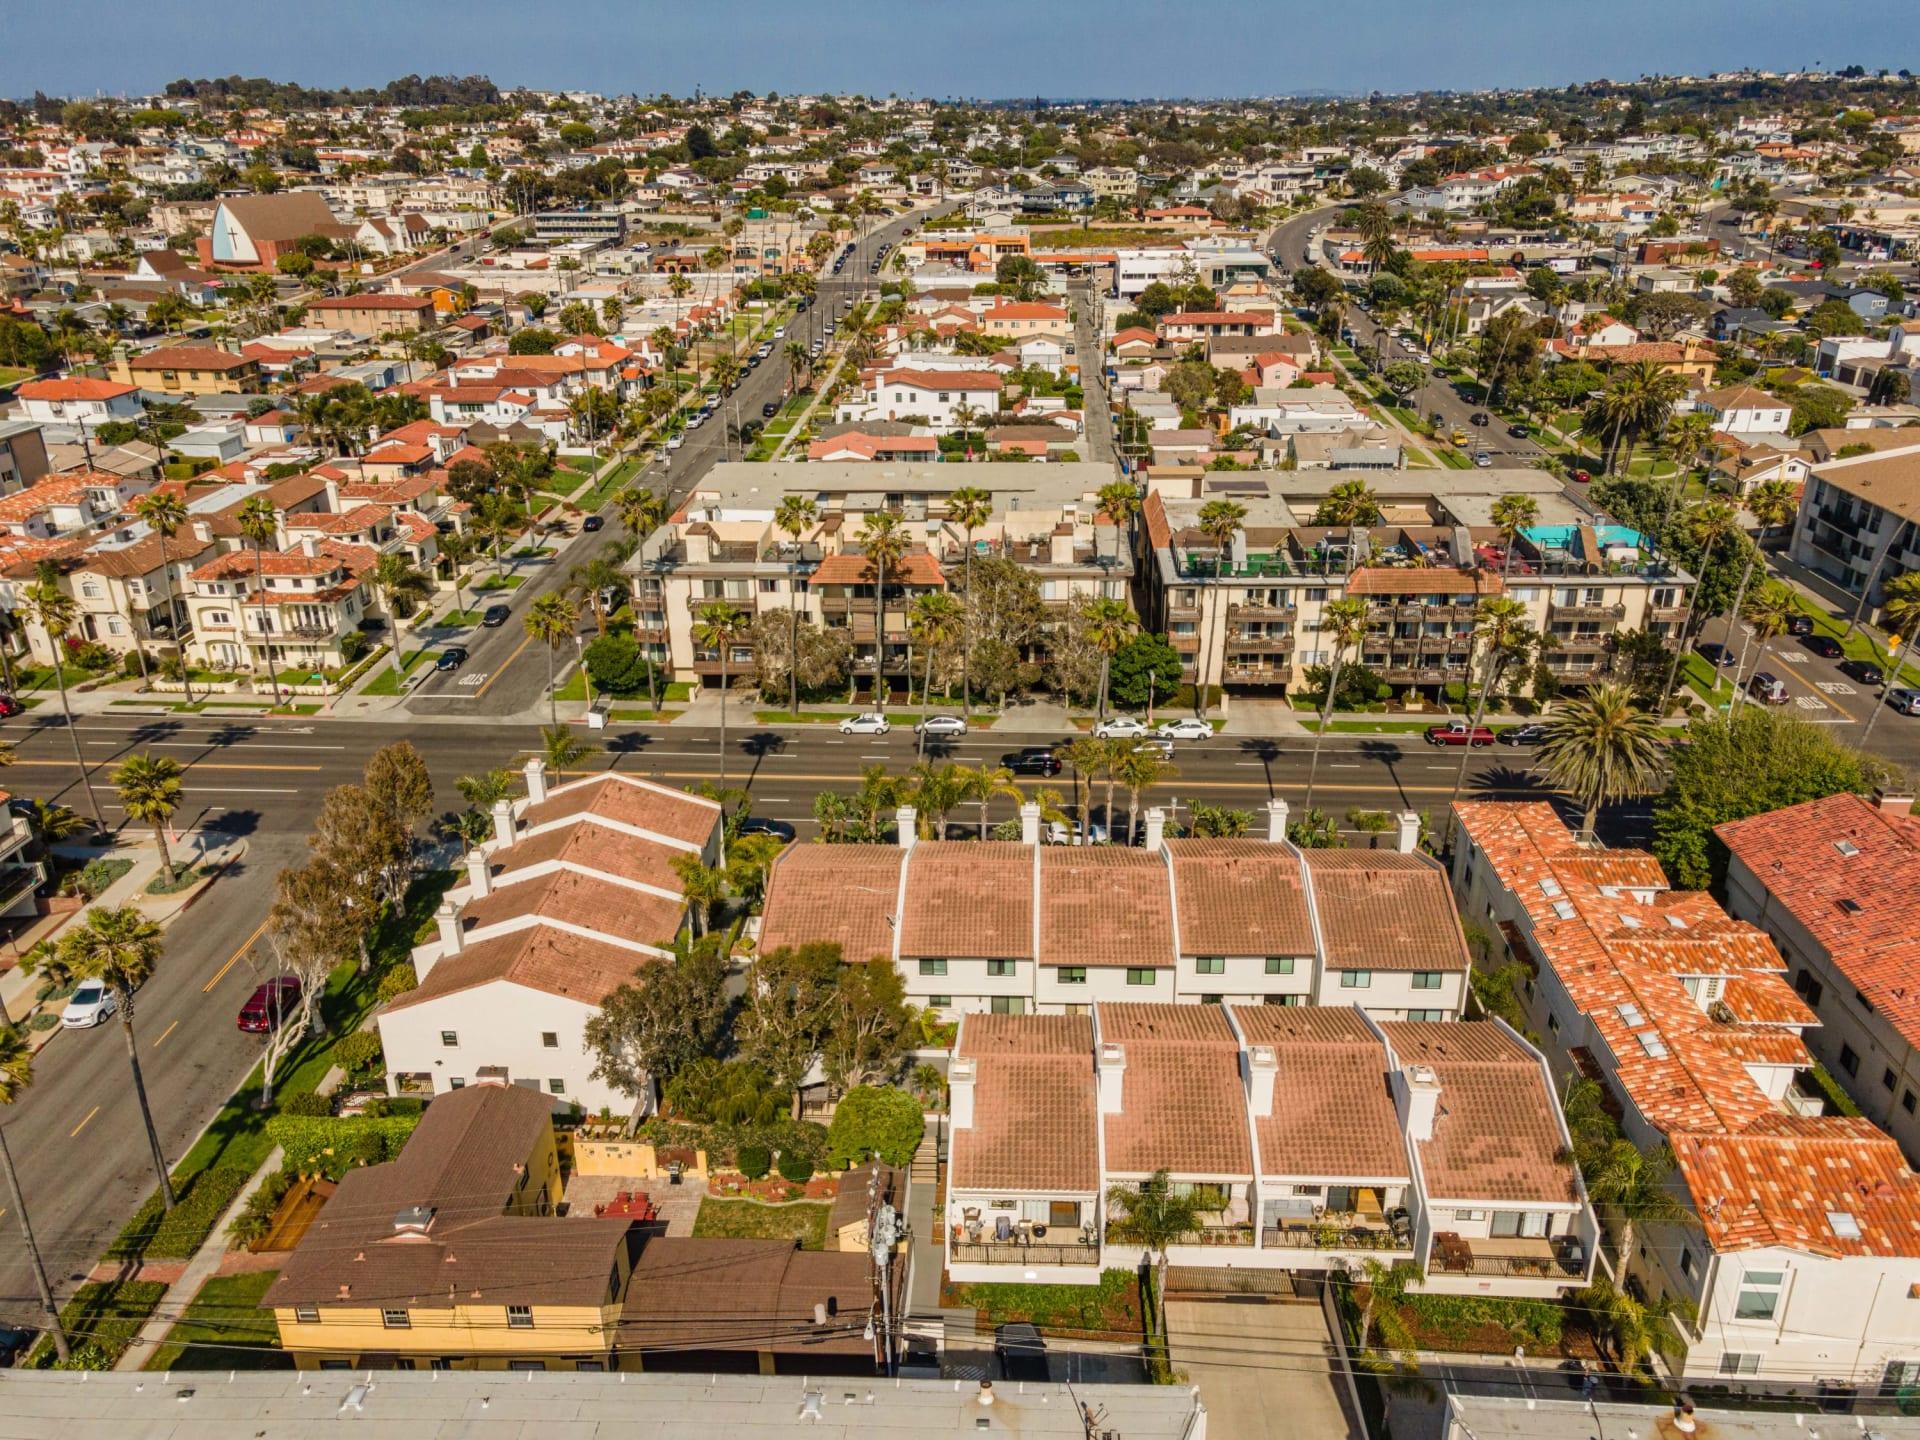 1301 S. Catalina Ave. #E photo